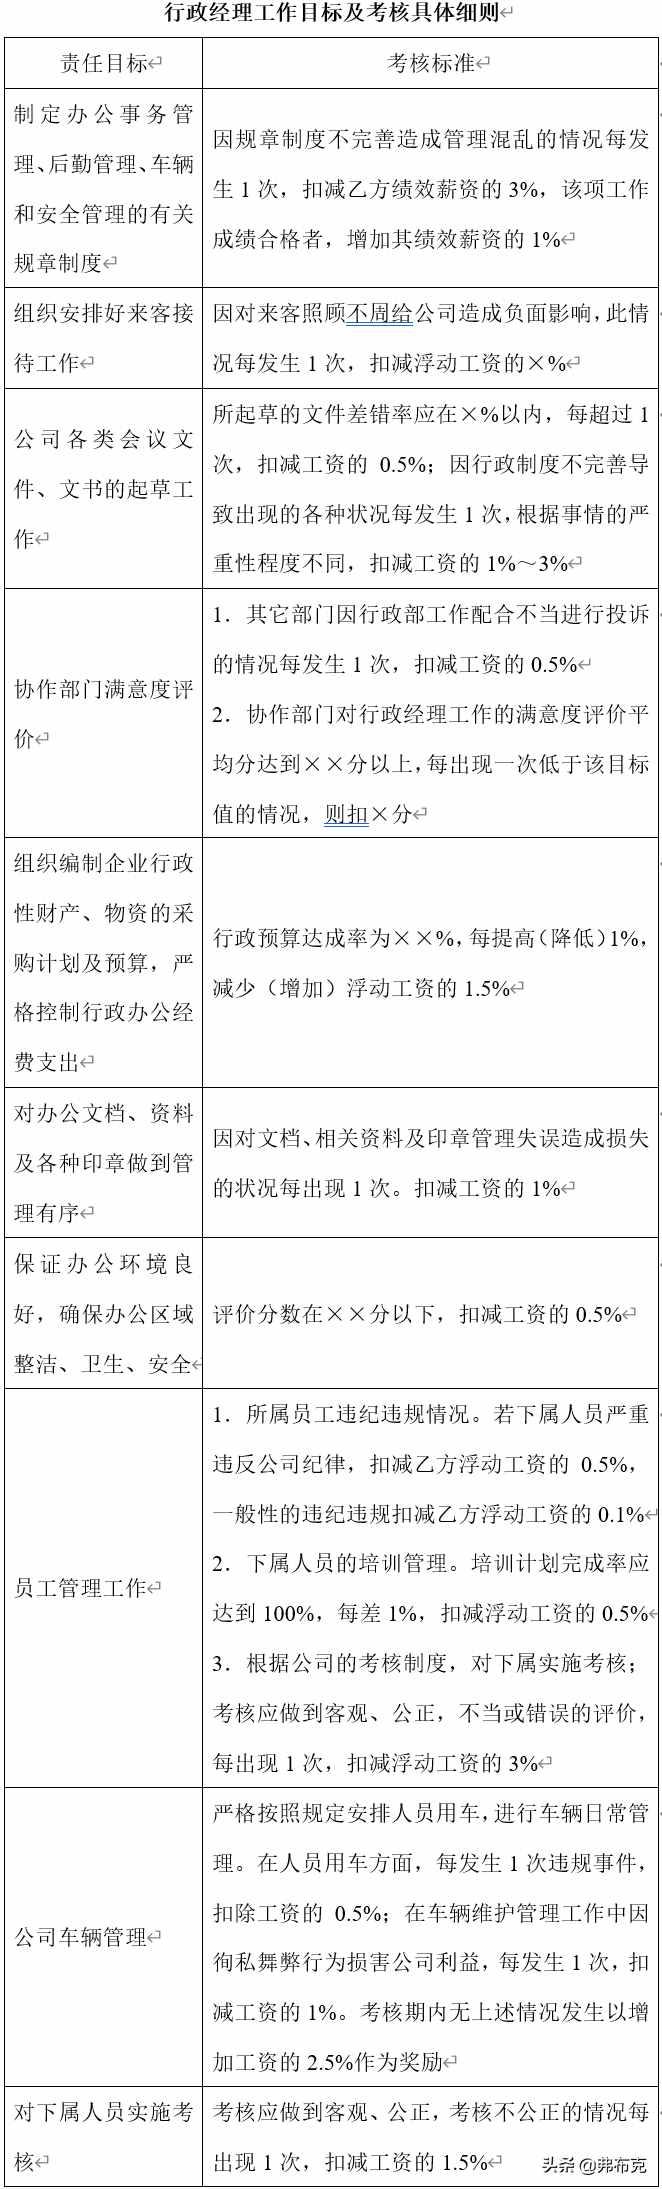 行政部3大岗位绩效考核细则:行政经理、行政主管、行政专员